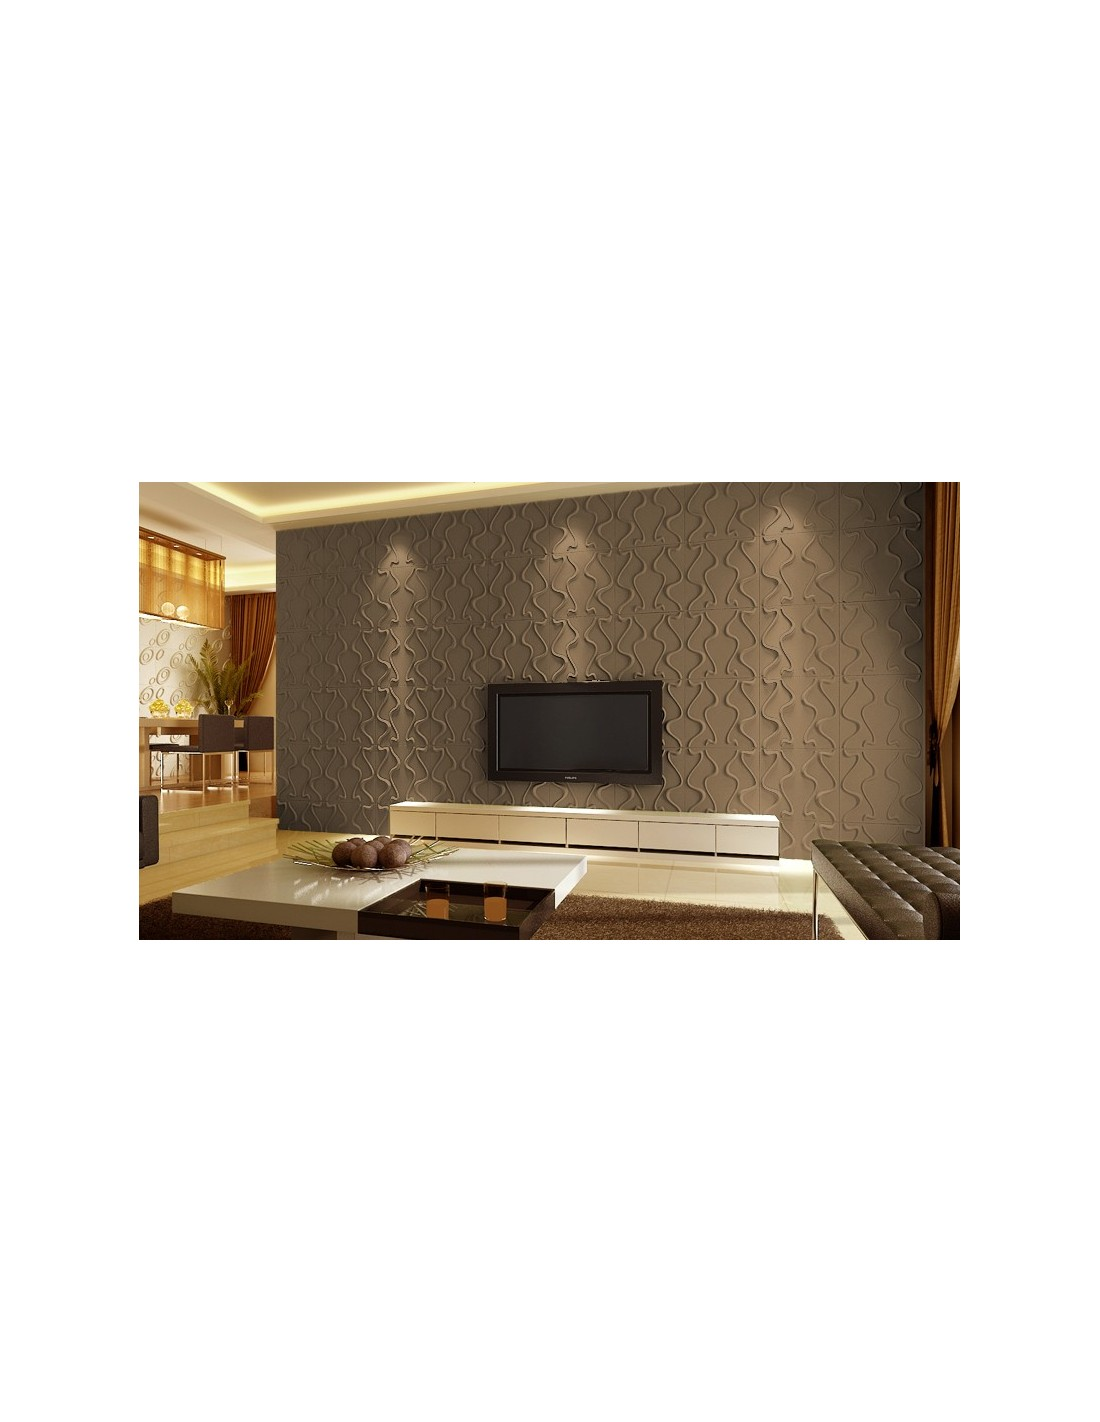 Pannello 3d wall per decorazioni di pareti e soffitti mod for Decorazioni pareti